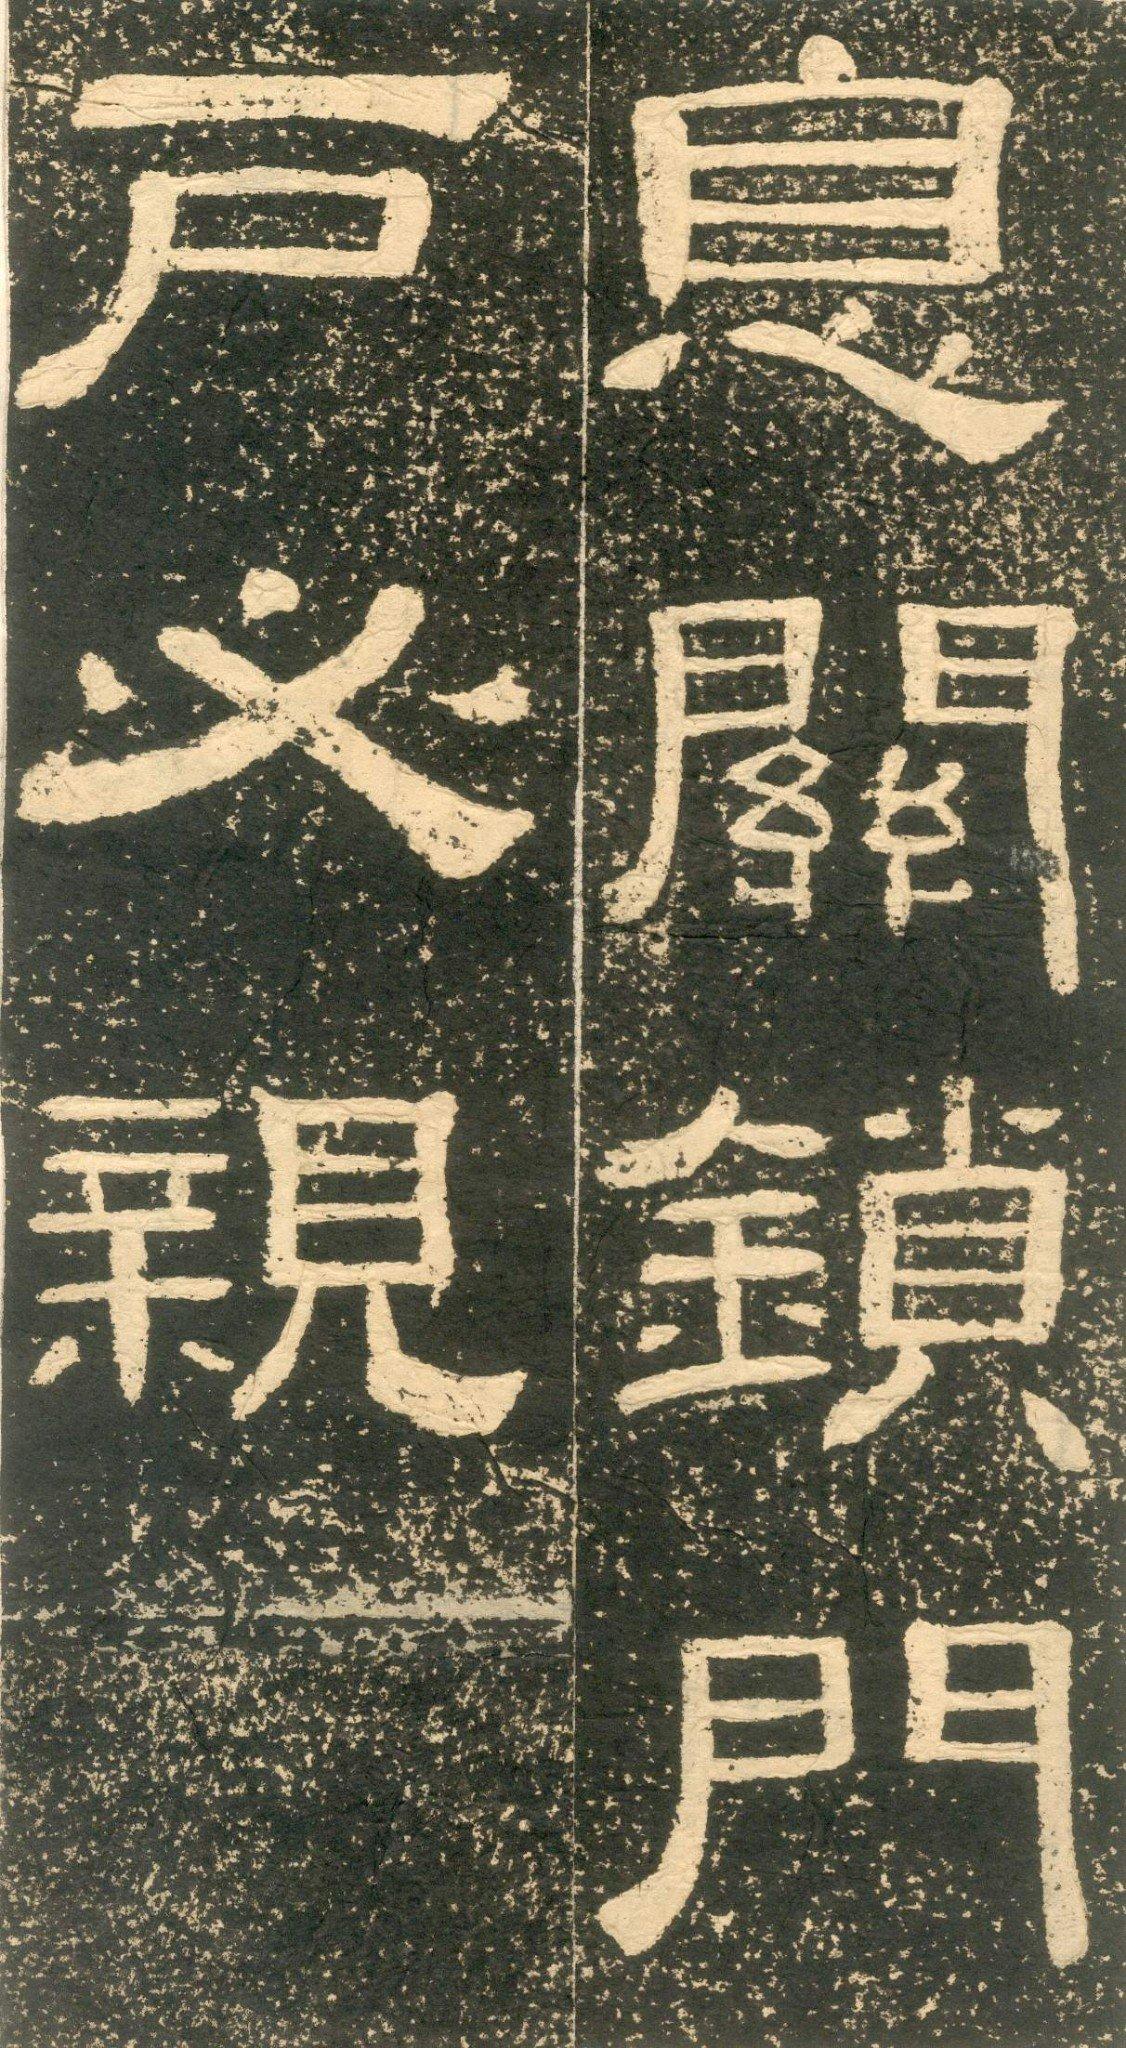 Huỳnh Dịch Lệ Thư (Chu Tử Gia Huấn) Thạch Khắc Thác Bản